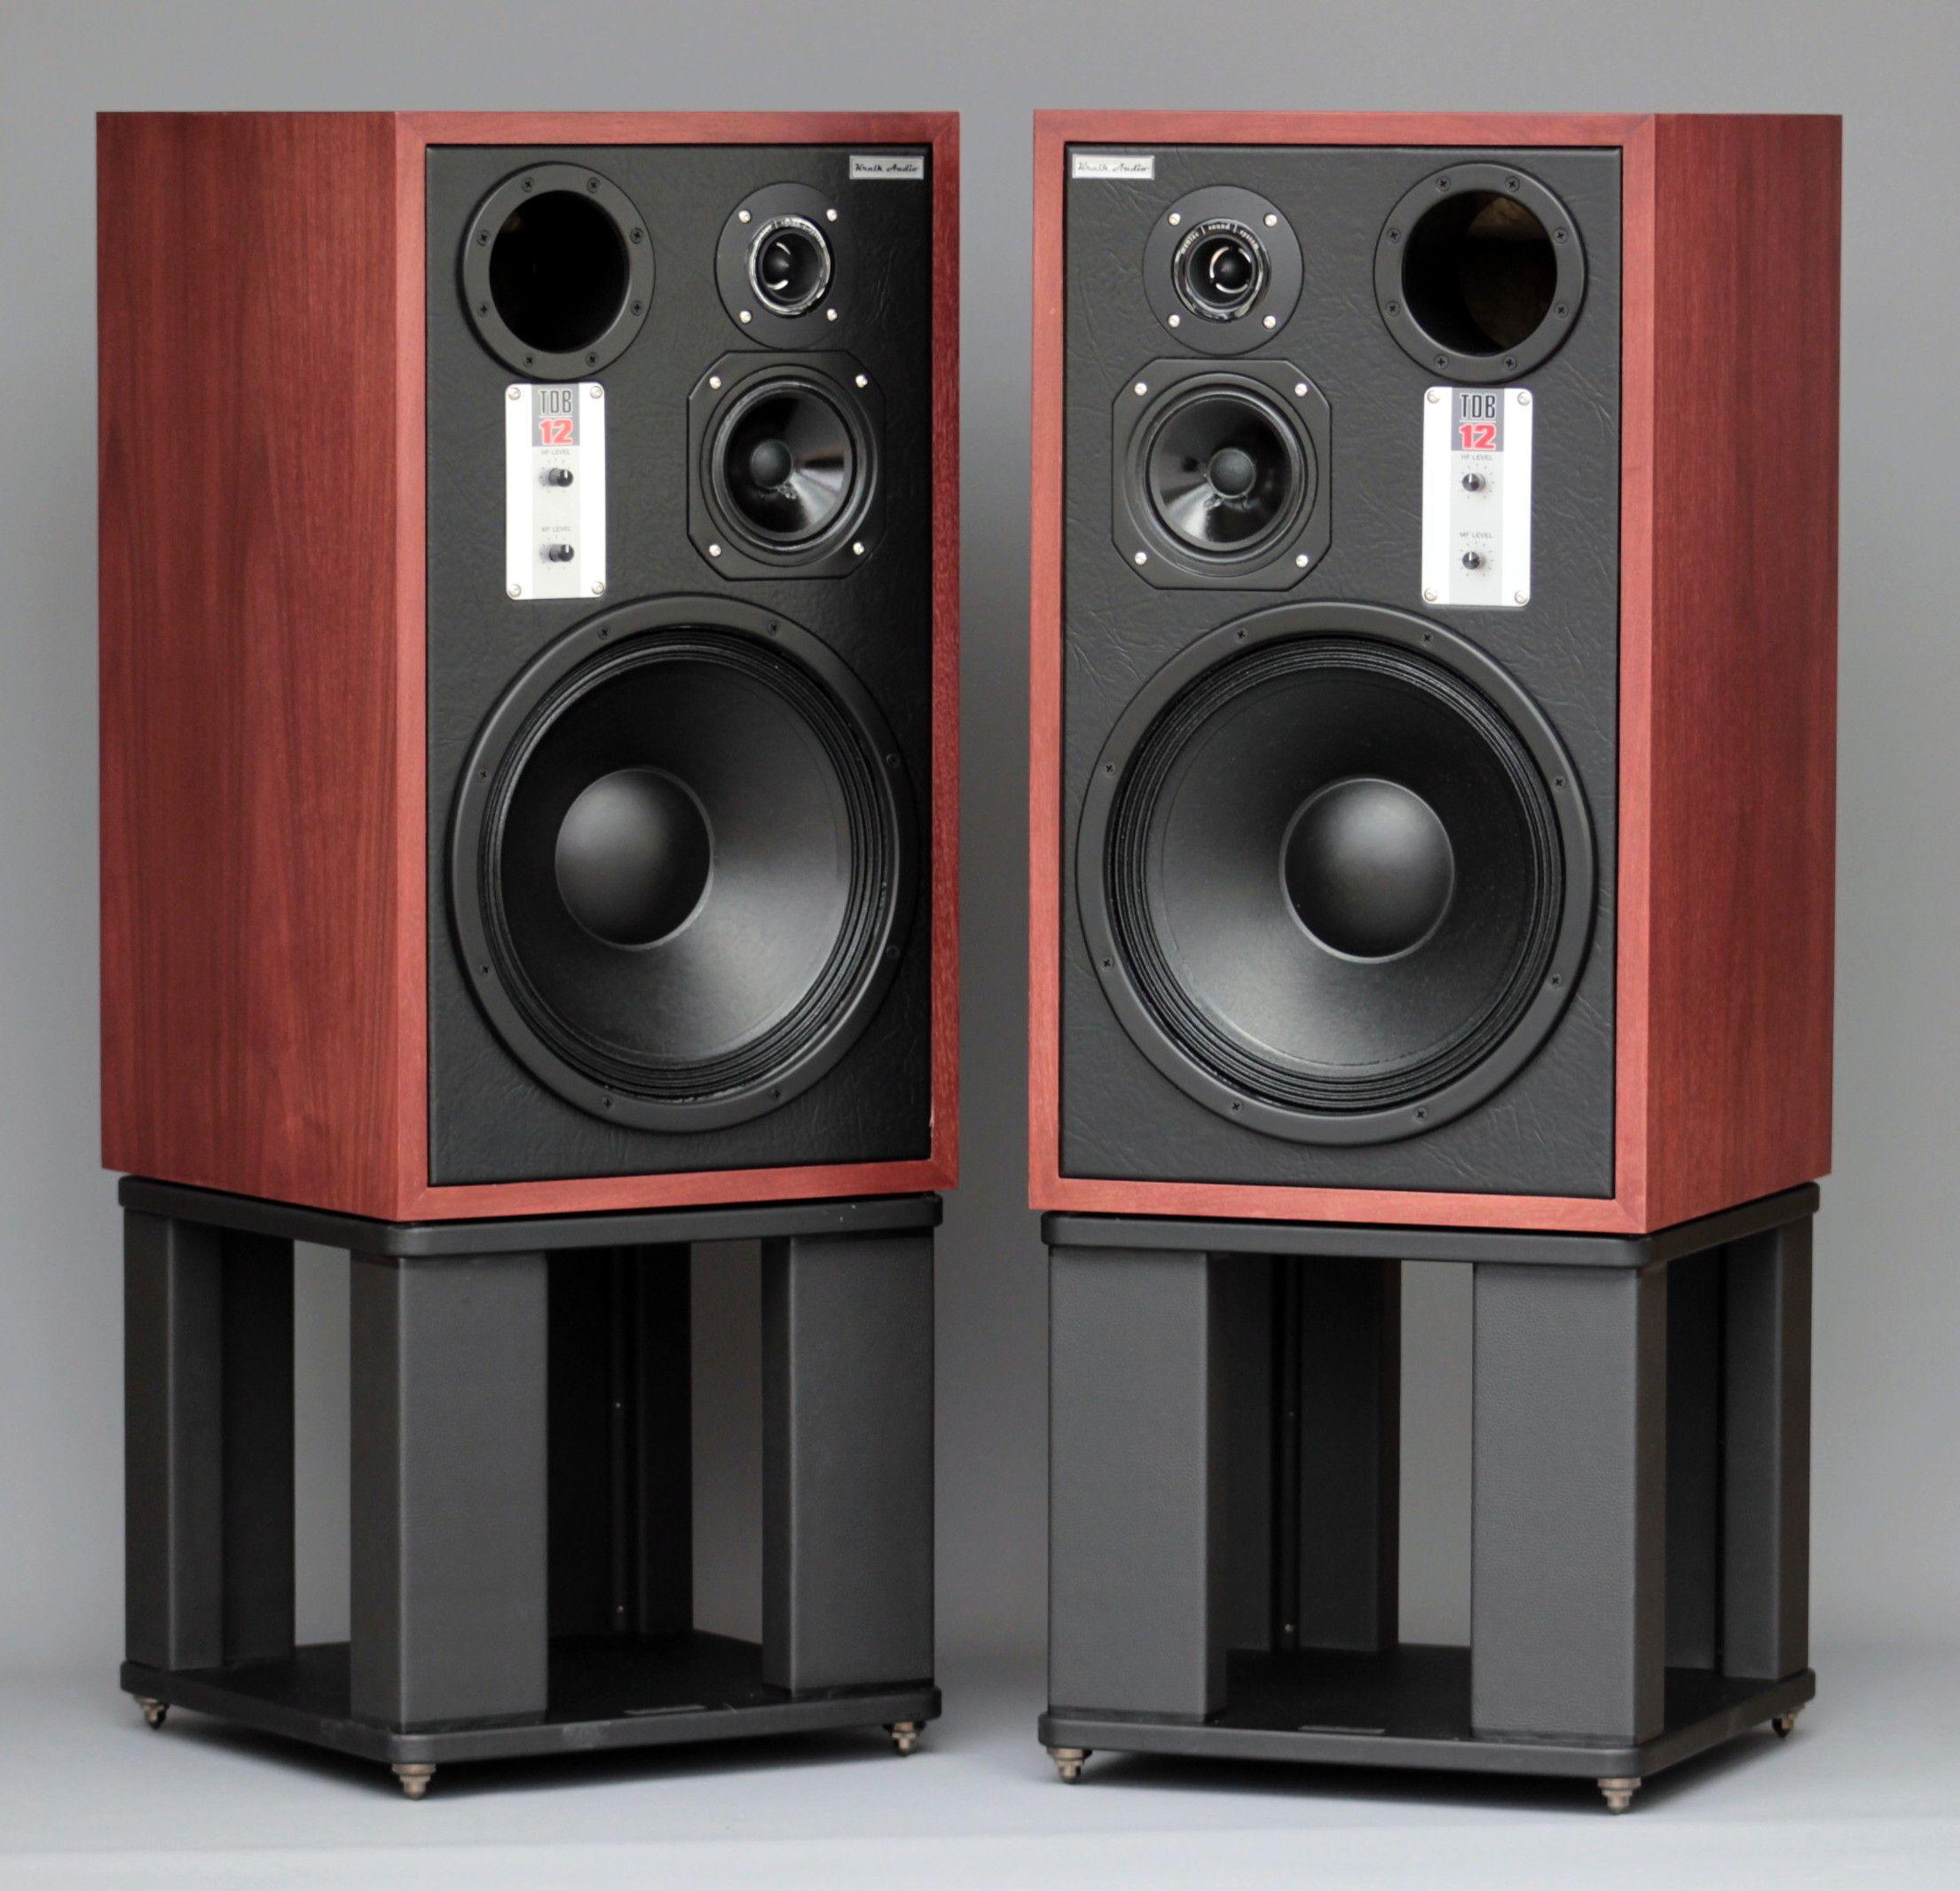 Kralk Audio B3c7ba0237db31546b2d10e8dc5fc4ca